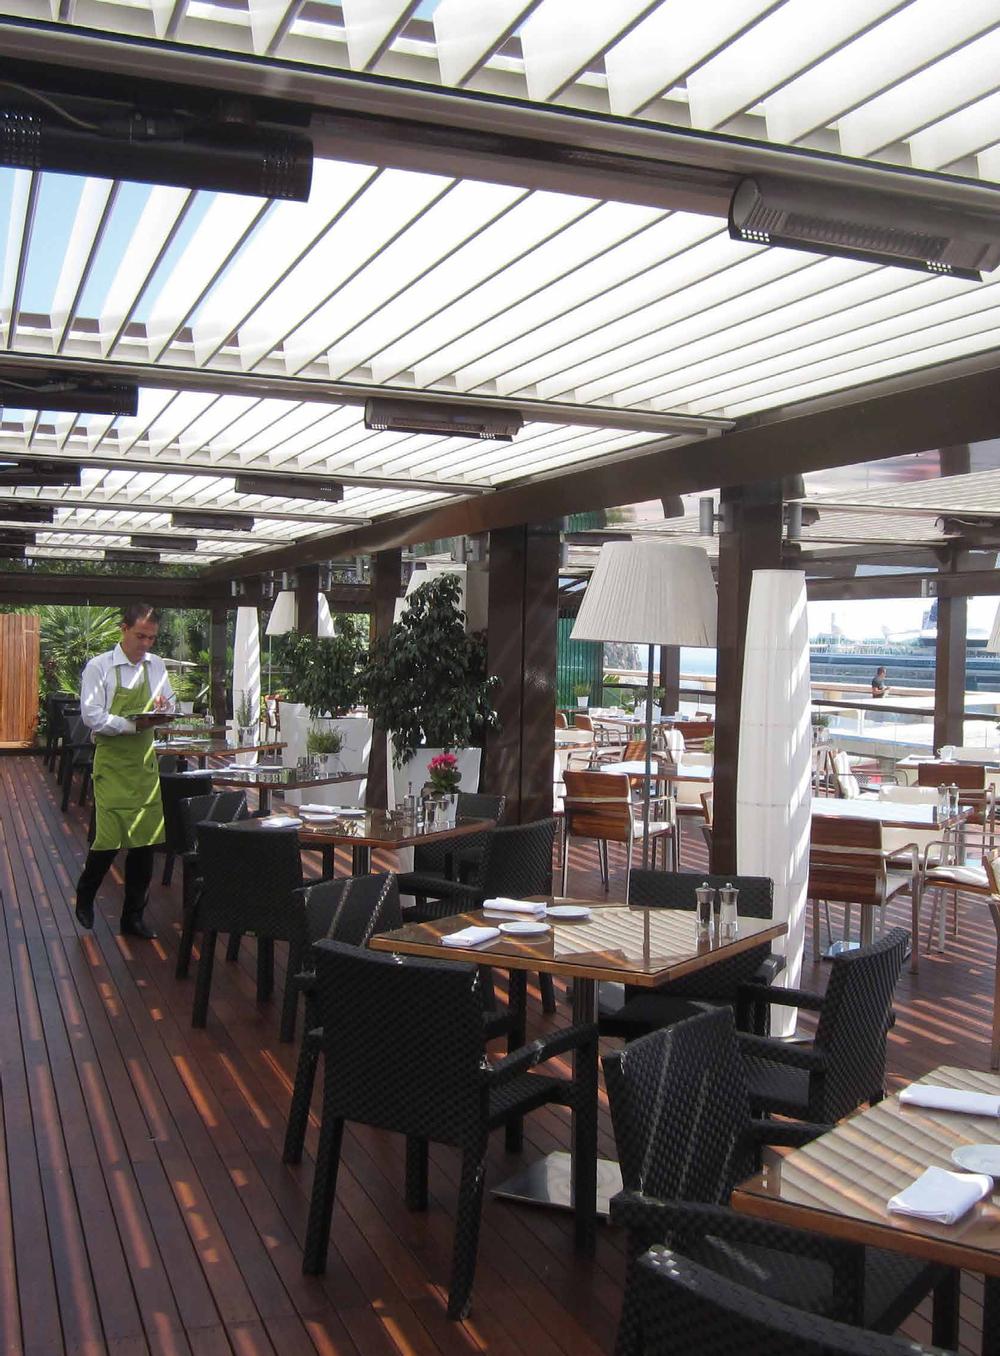 pergolas-pergulas-esplanadas-deck-terraço-jardins-cortinas de vidro-restaurantes-bares